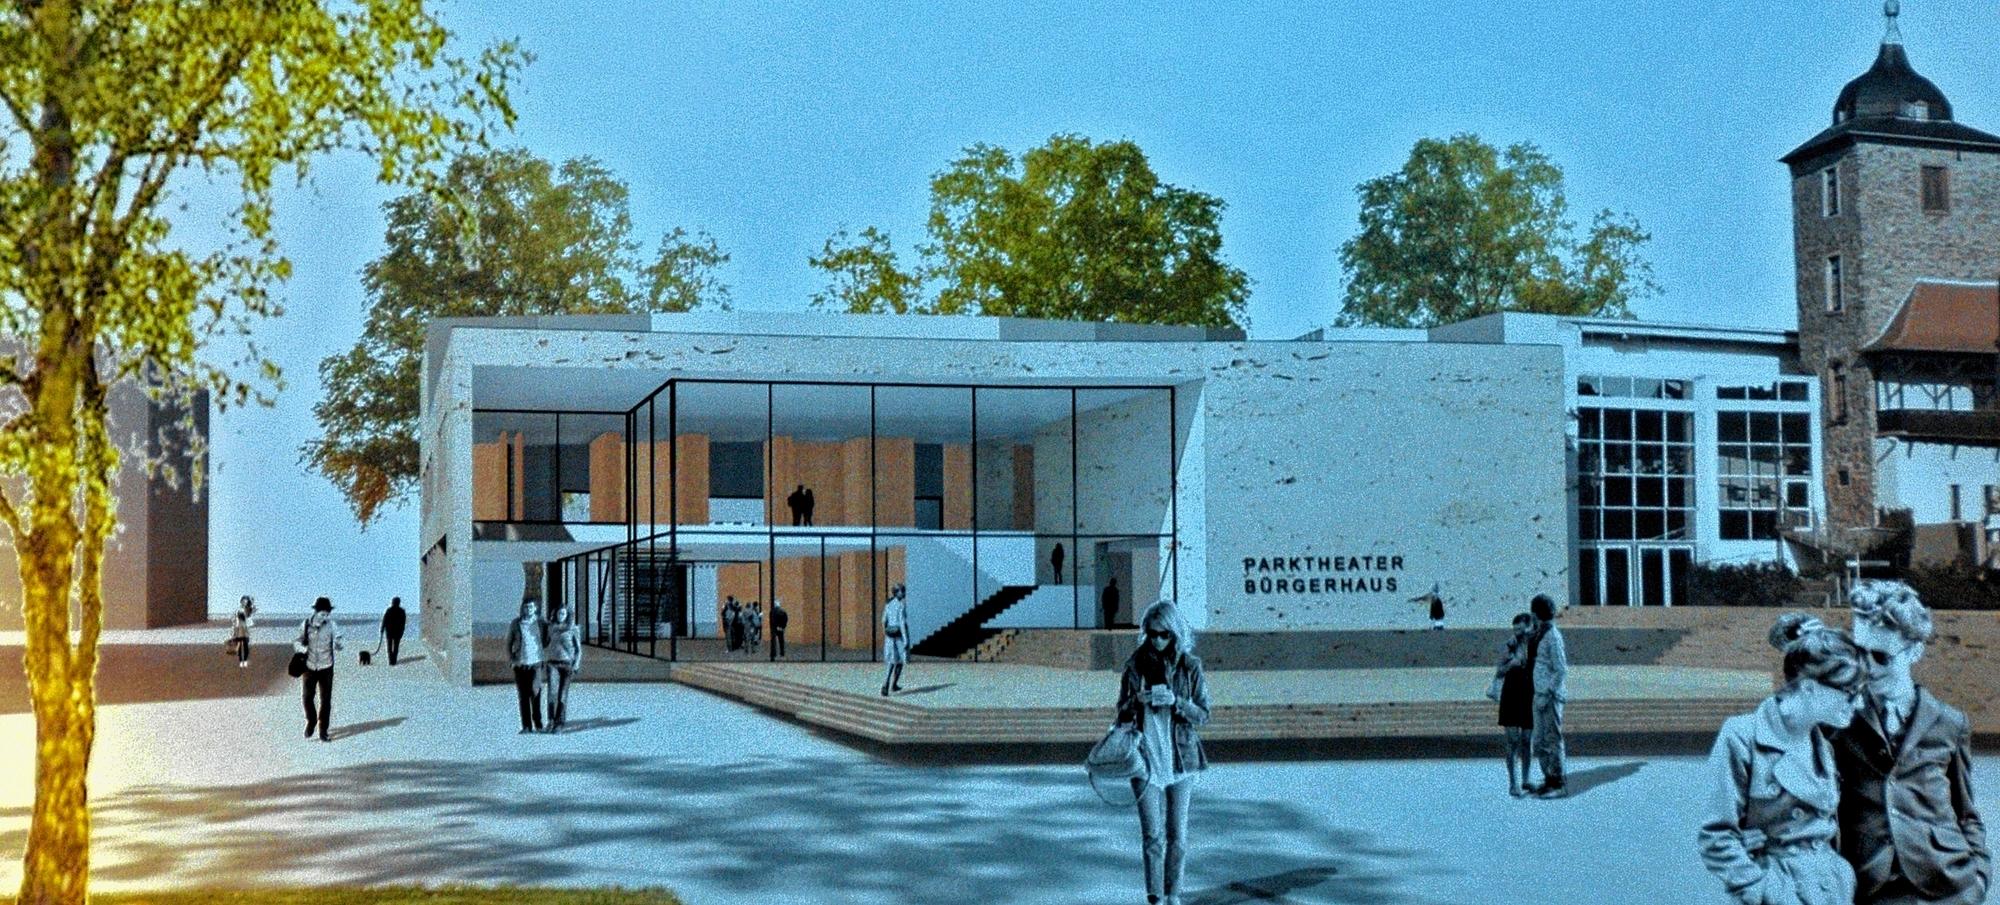 Architekt Bensheim zwei häuser verschmelzen zu einem kulturzentrum bensheim bergsträßer anzeiger region